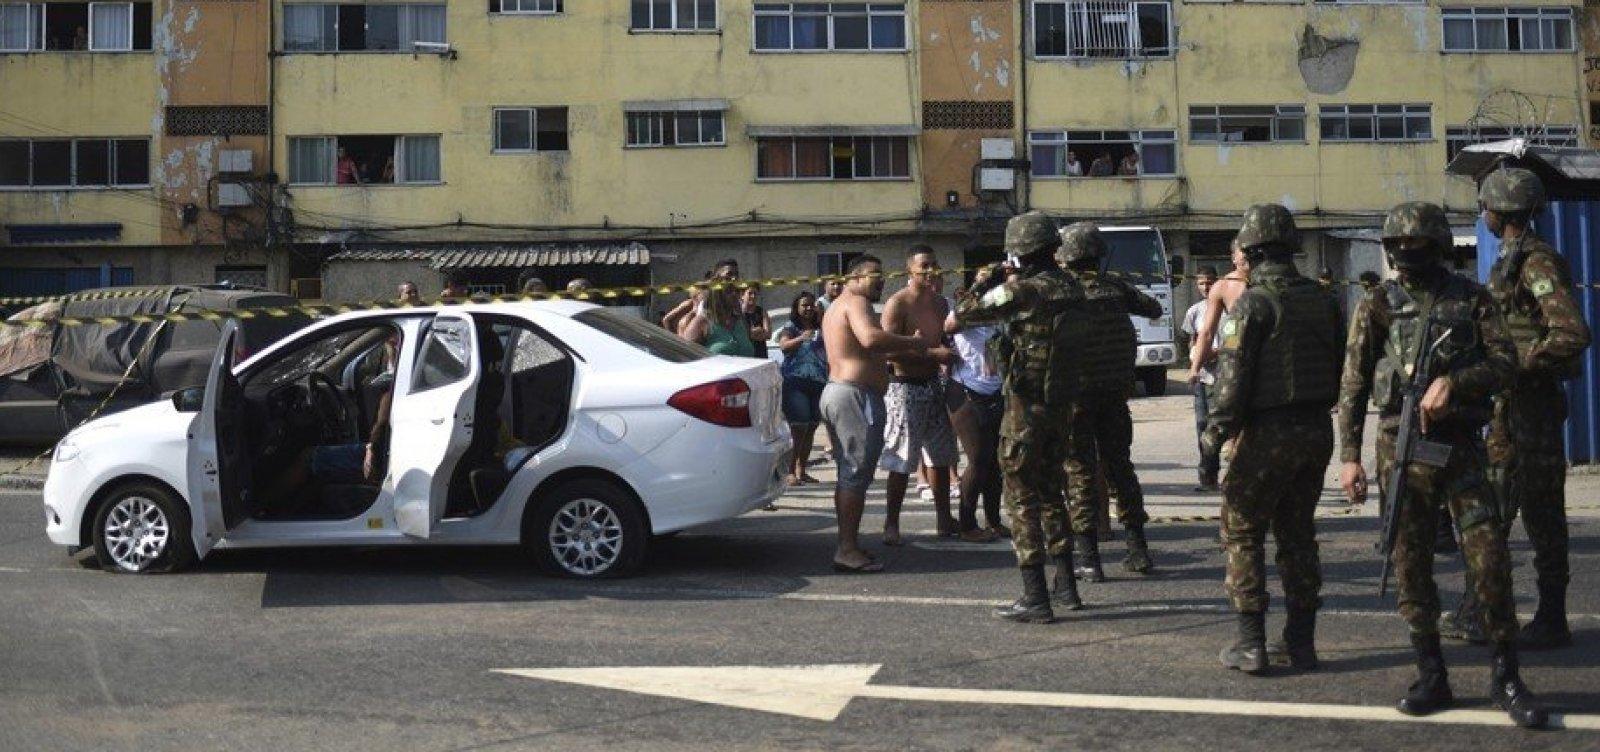 STM decide amanhã se libera militares que fuzilaram músico